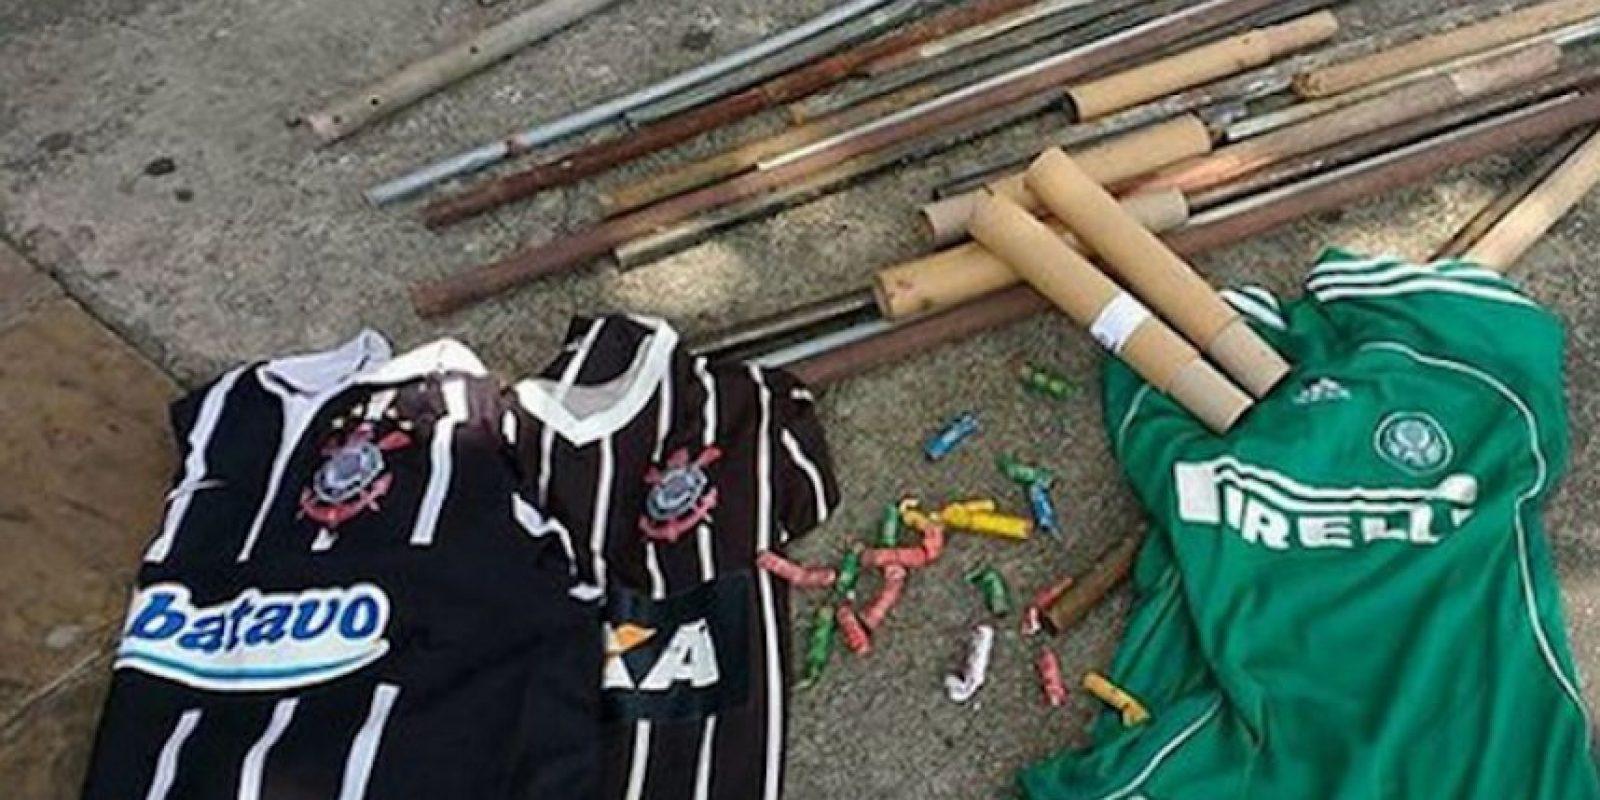 Playeras de Palmeiras y Corinthians quedaron varadas en las calles de Brasil Foto:Twitter